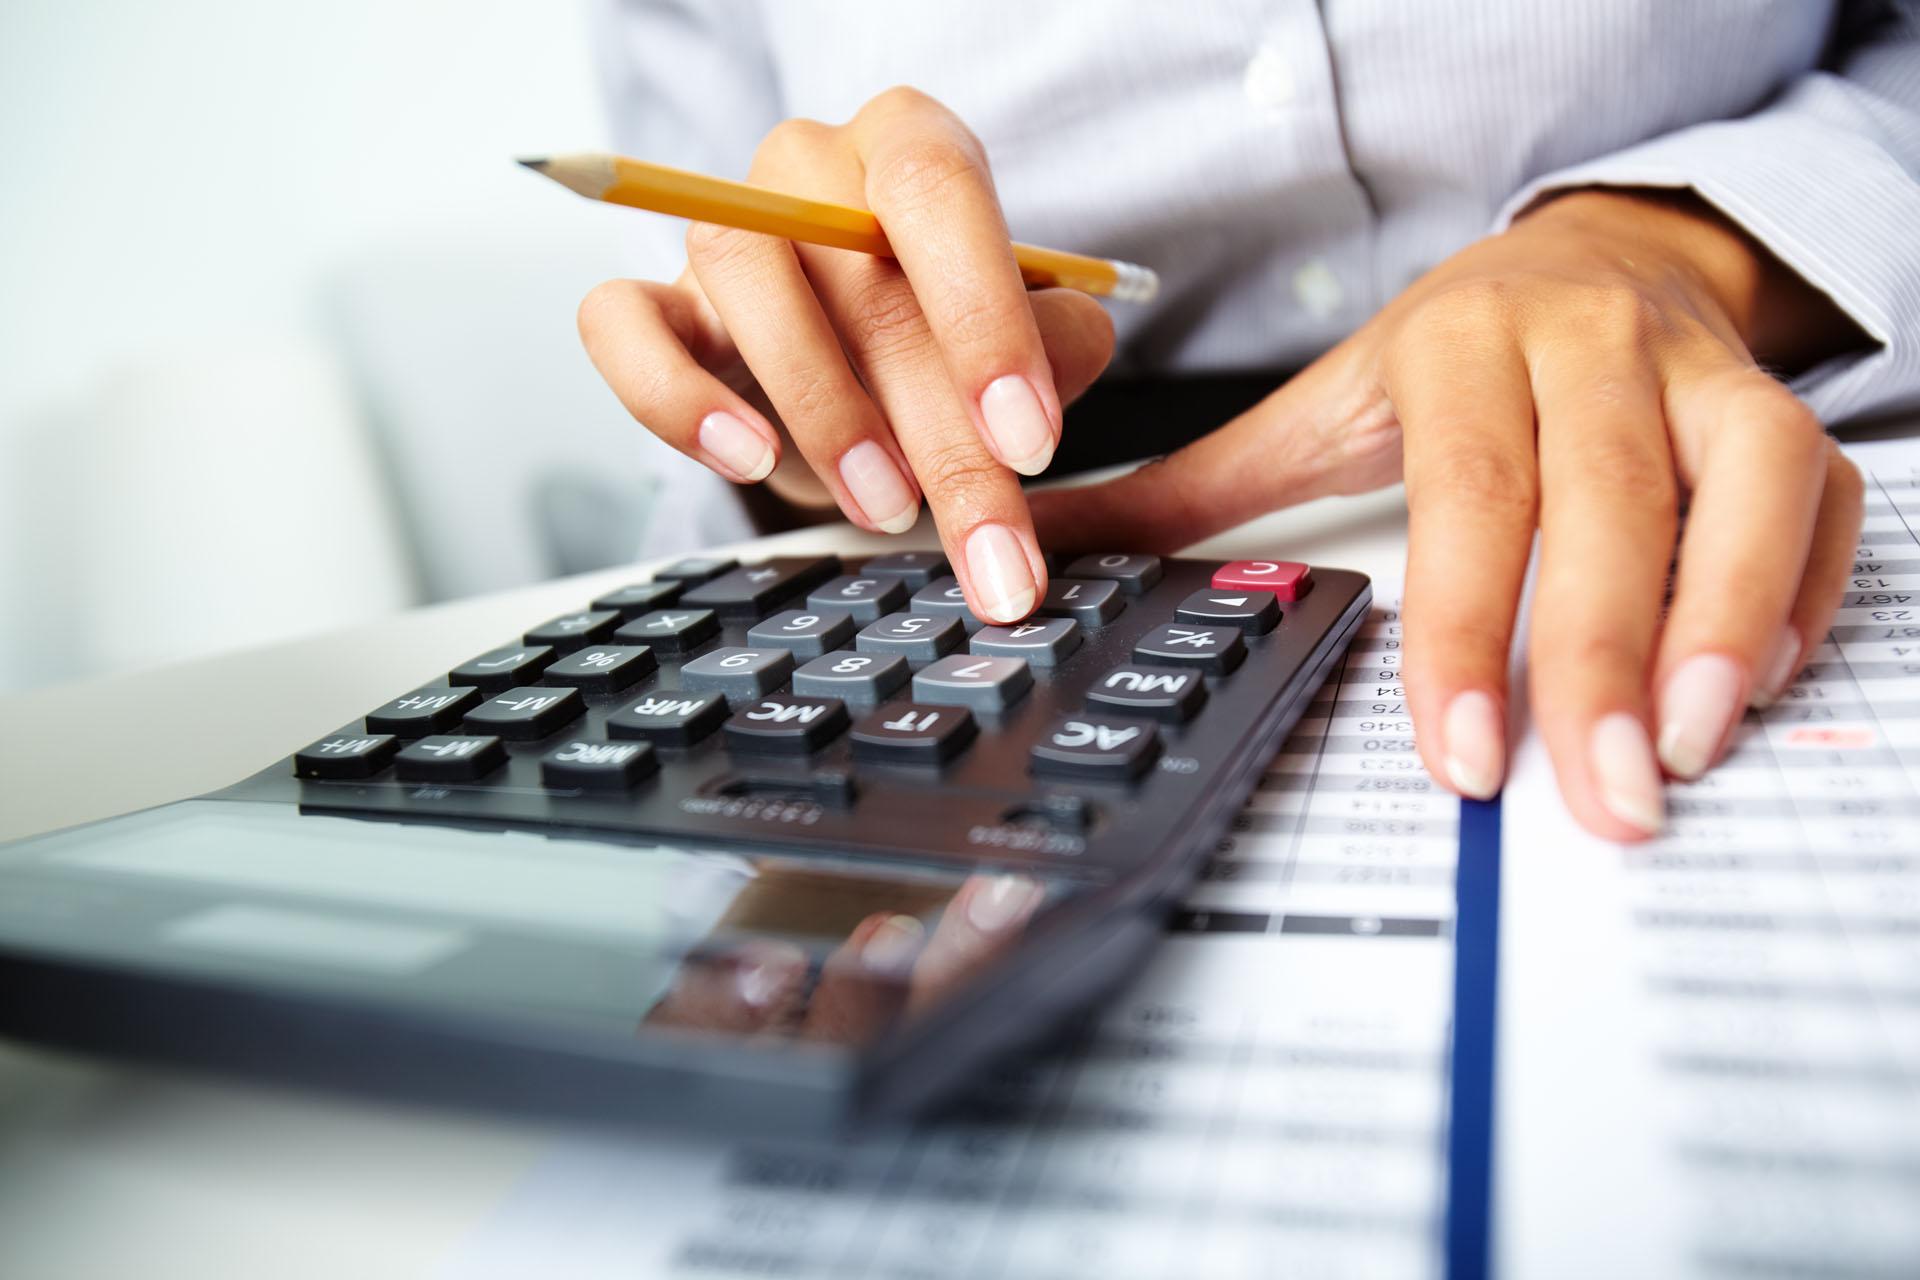 Contribuição previdenciária de MEIs passa a ser de R$ 49,90